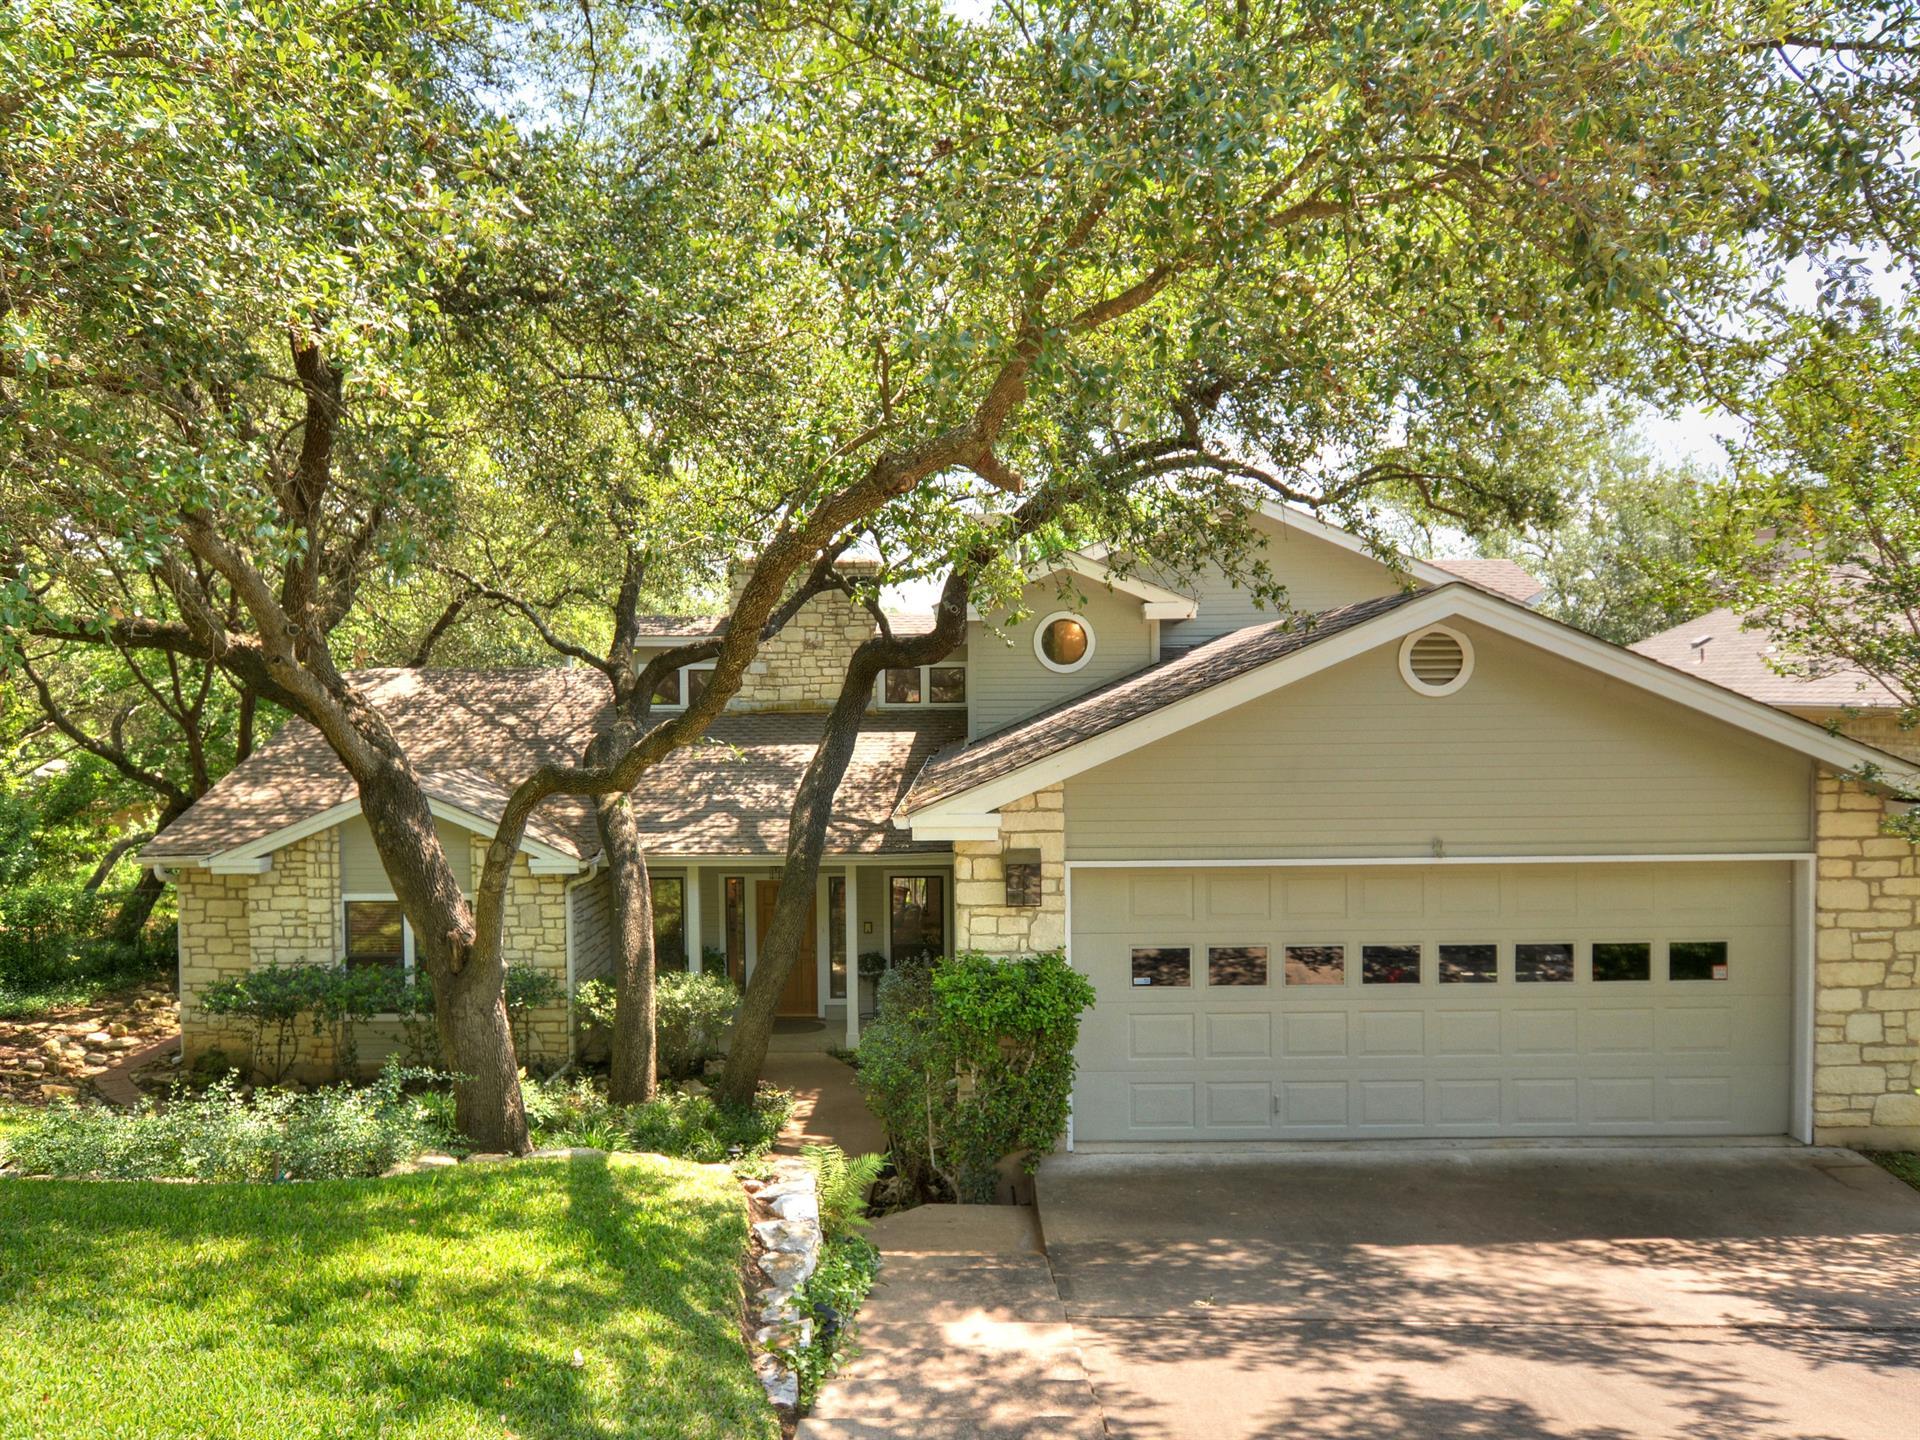 Casa por un Alquiler en 6009 Bon Terra Drive Other Areas, Texas Estados Unidos